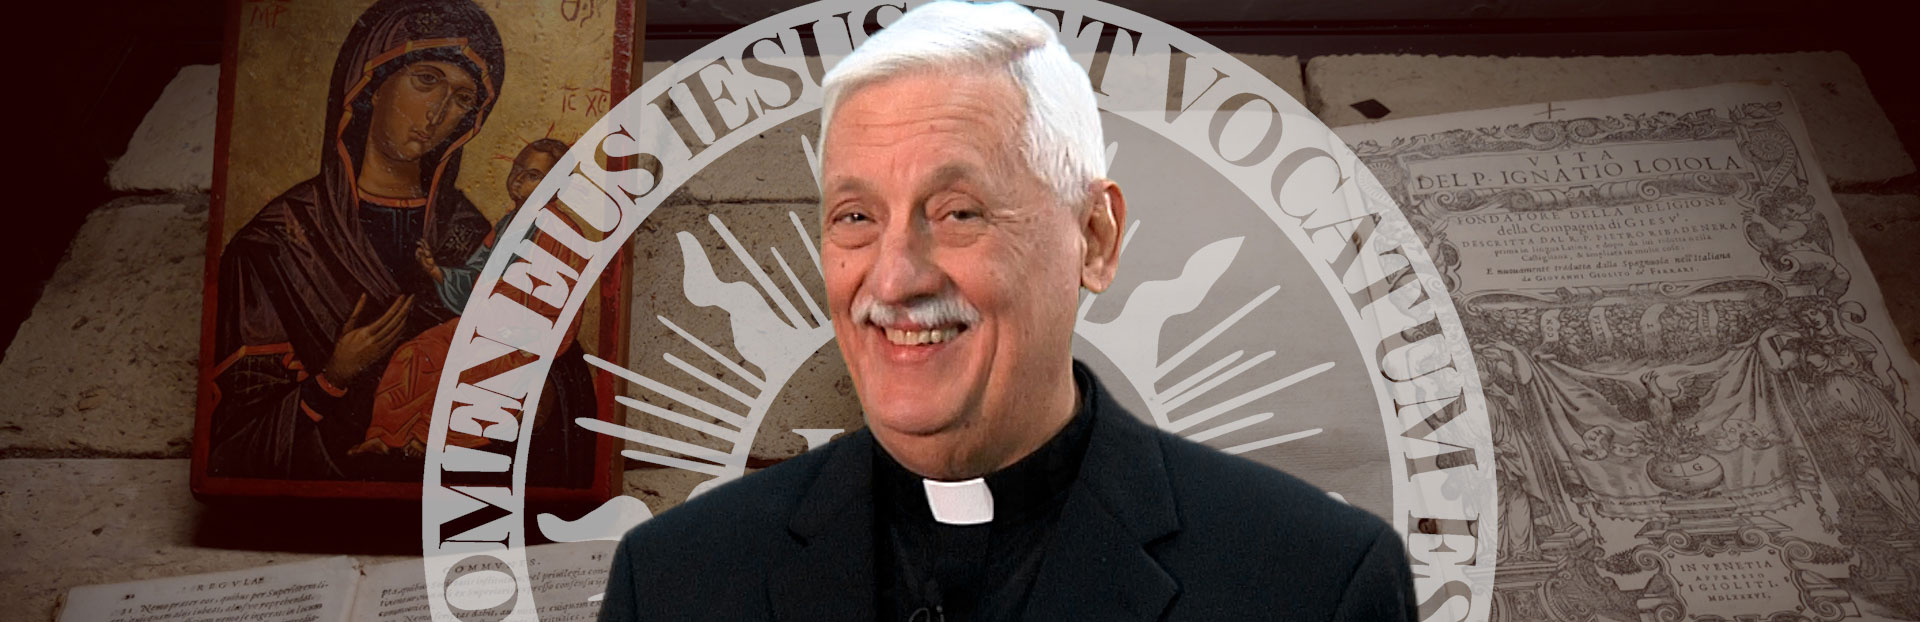 Message de Carême du Père Général : Retrouver l'espoir – Voir toute chose nouvelle en Christ